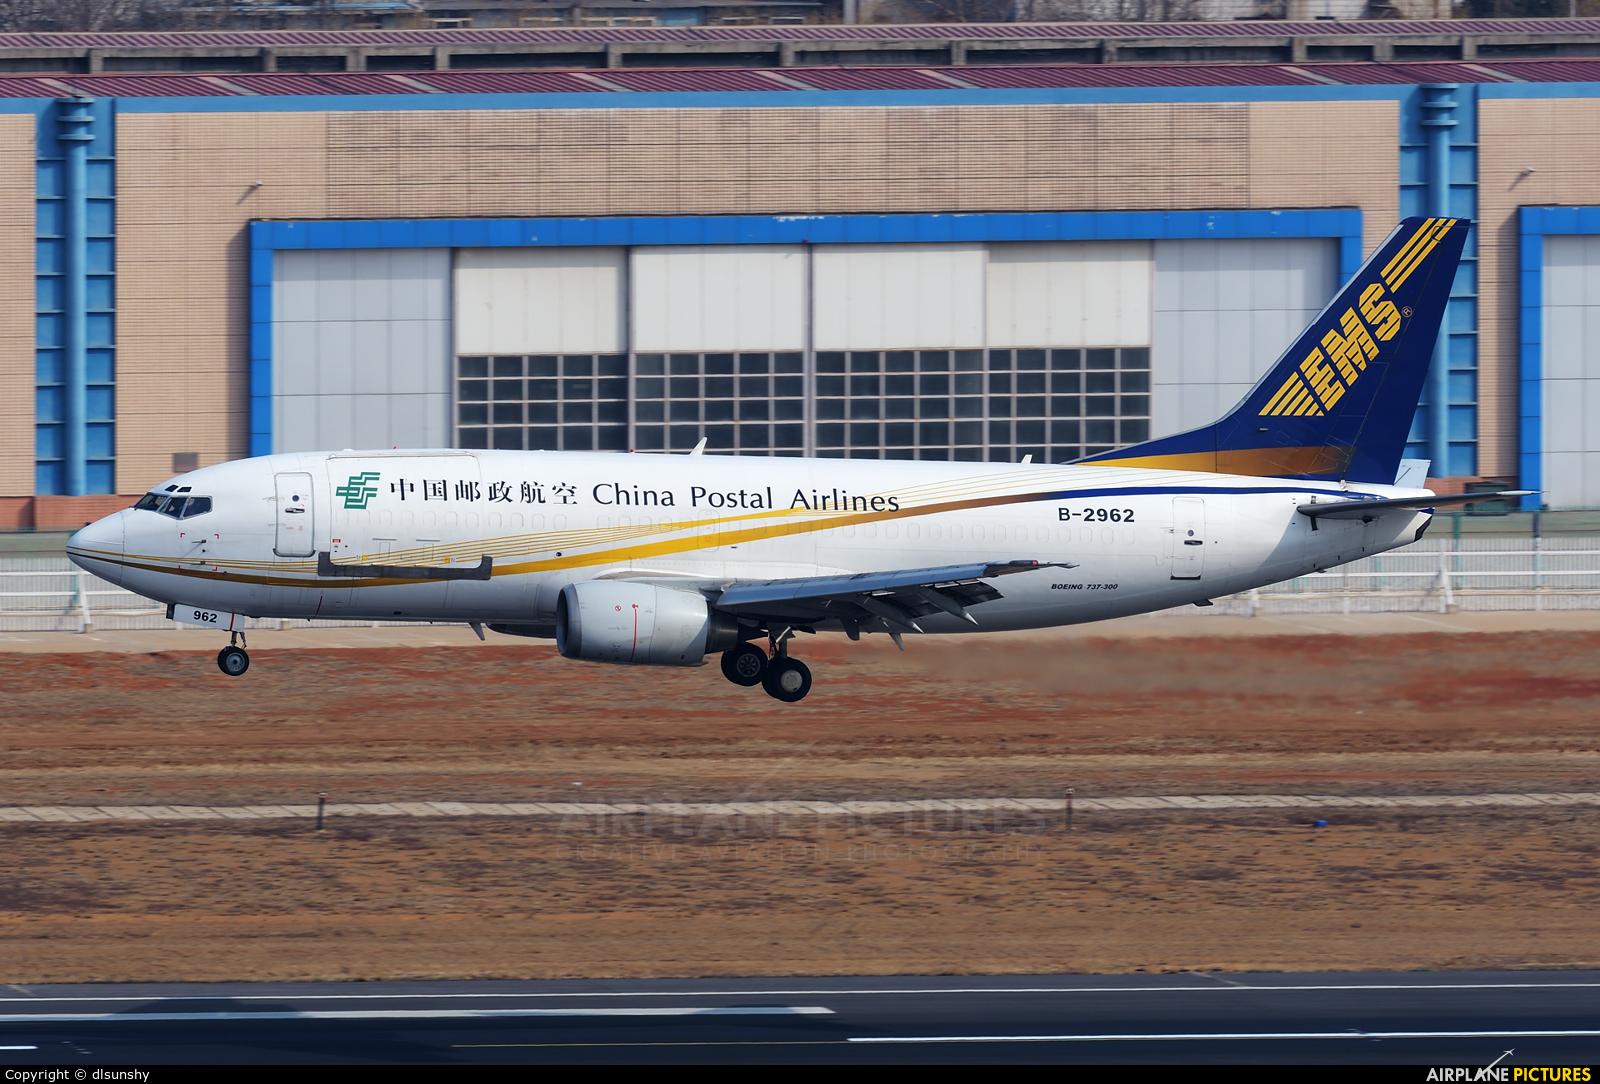 China Postal Airlines B-2962 aircraft at Dalian Zhoushuizi Int'l